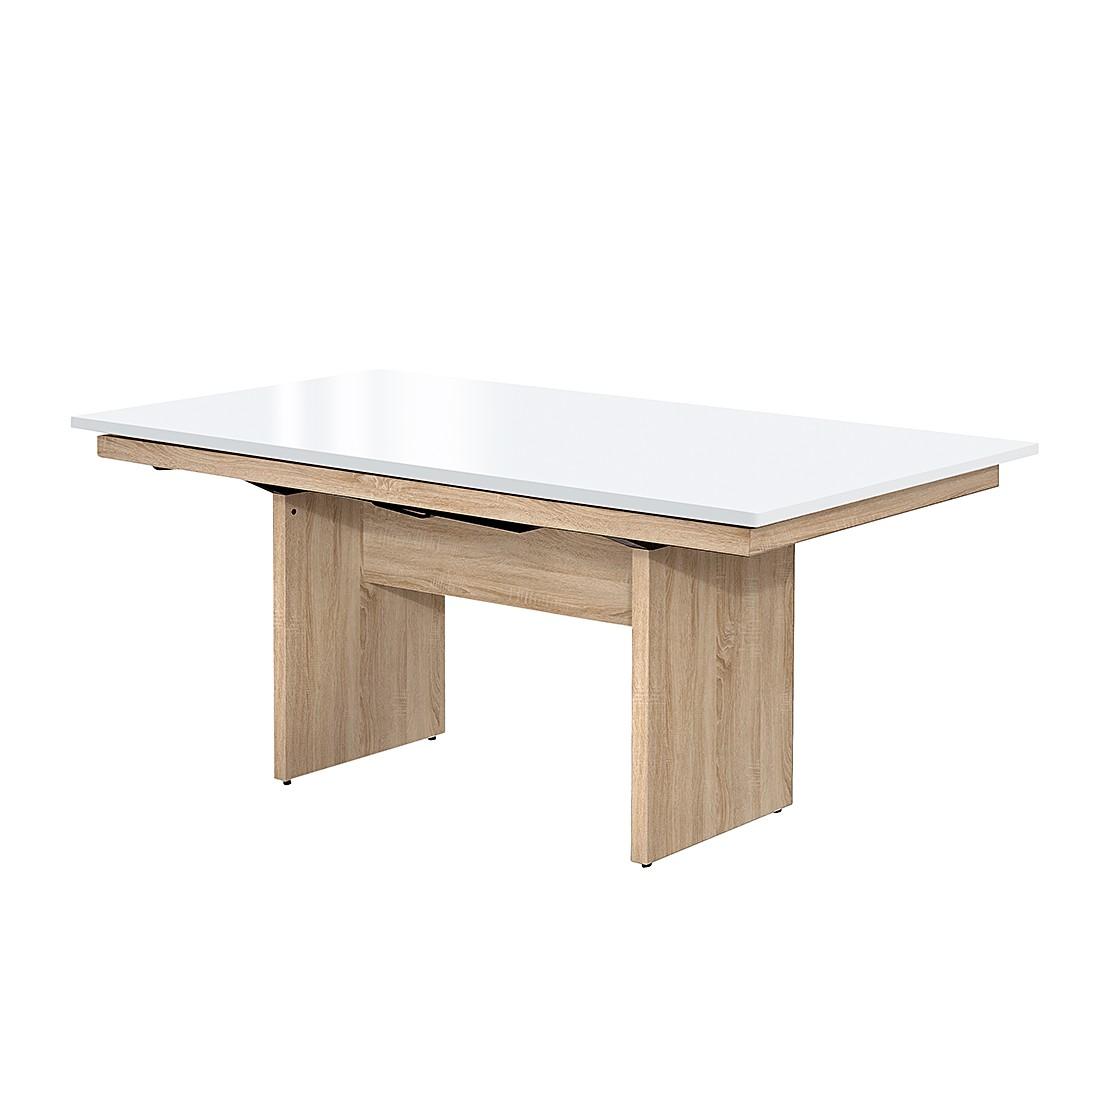 Wangentisch Deck (ausziehbar) – Eiche Dekor/Hochglanz Weiß – 190 x 75 cm, Arte M günstig bestellen